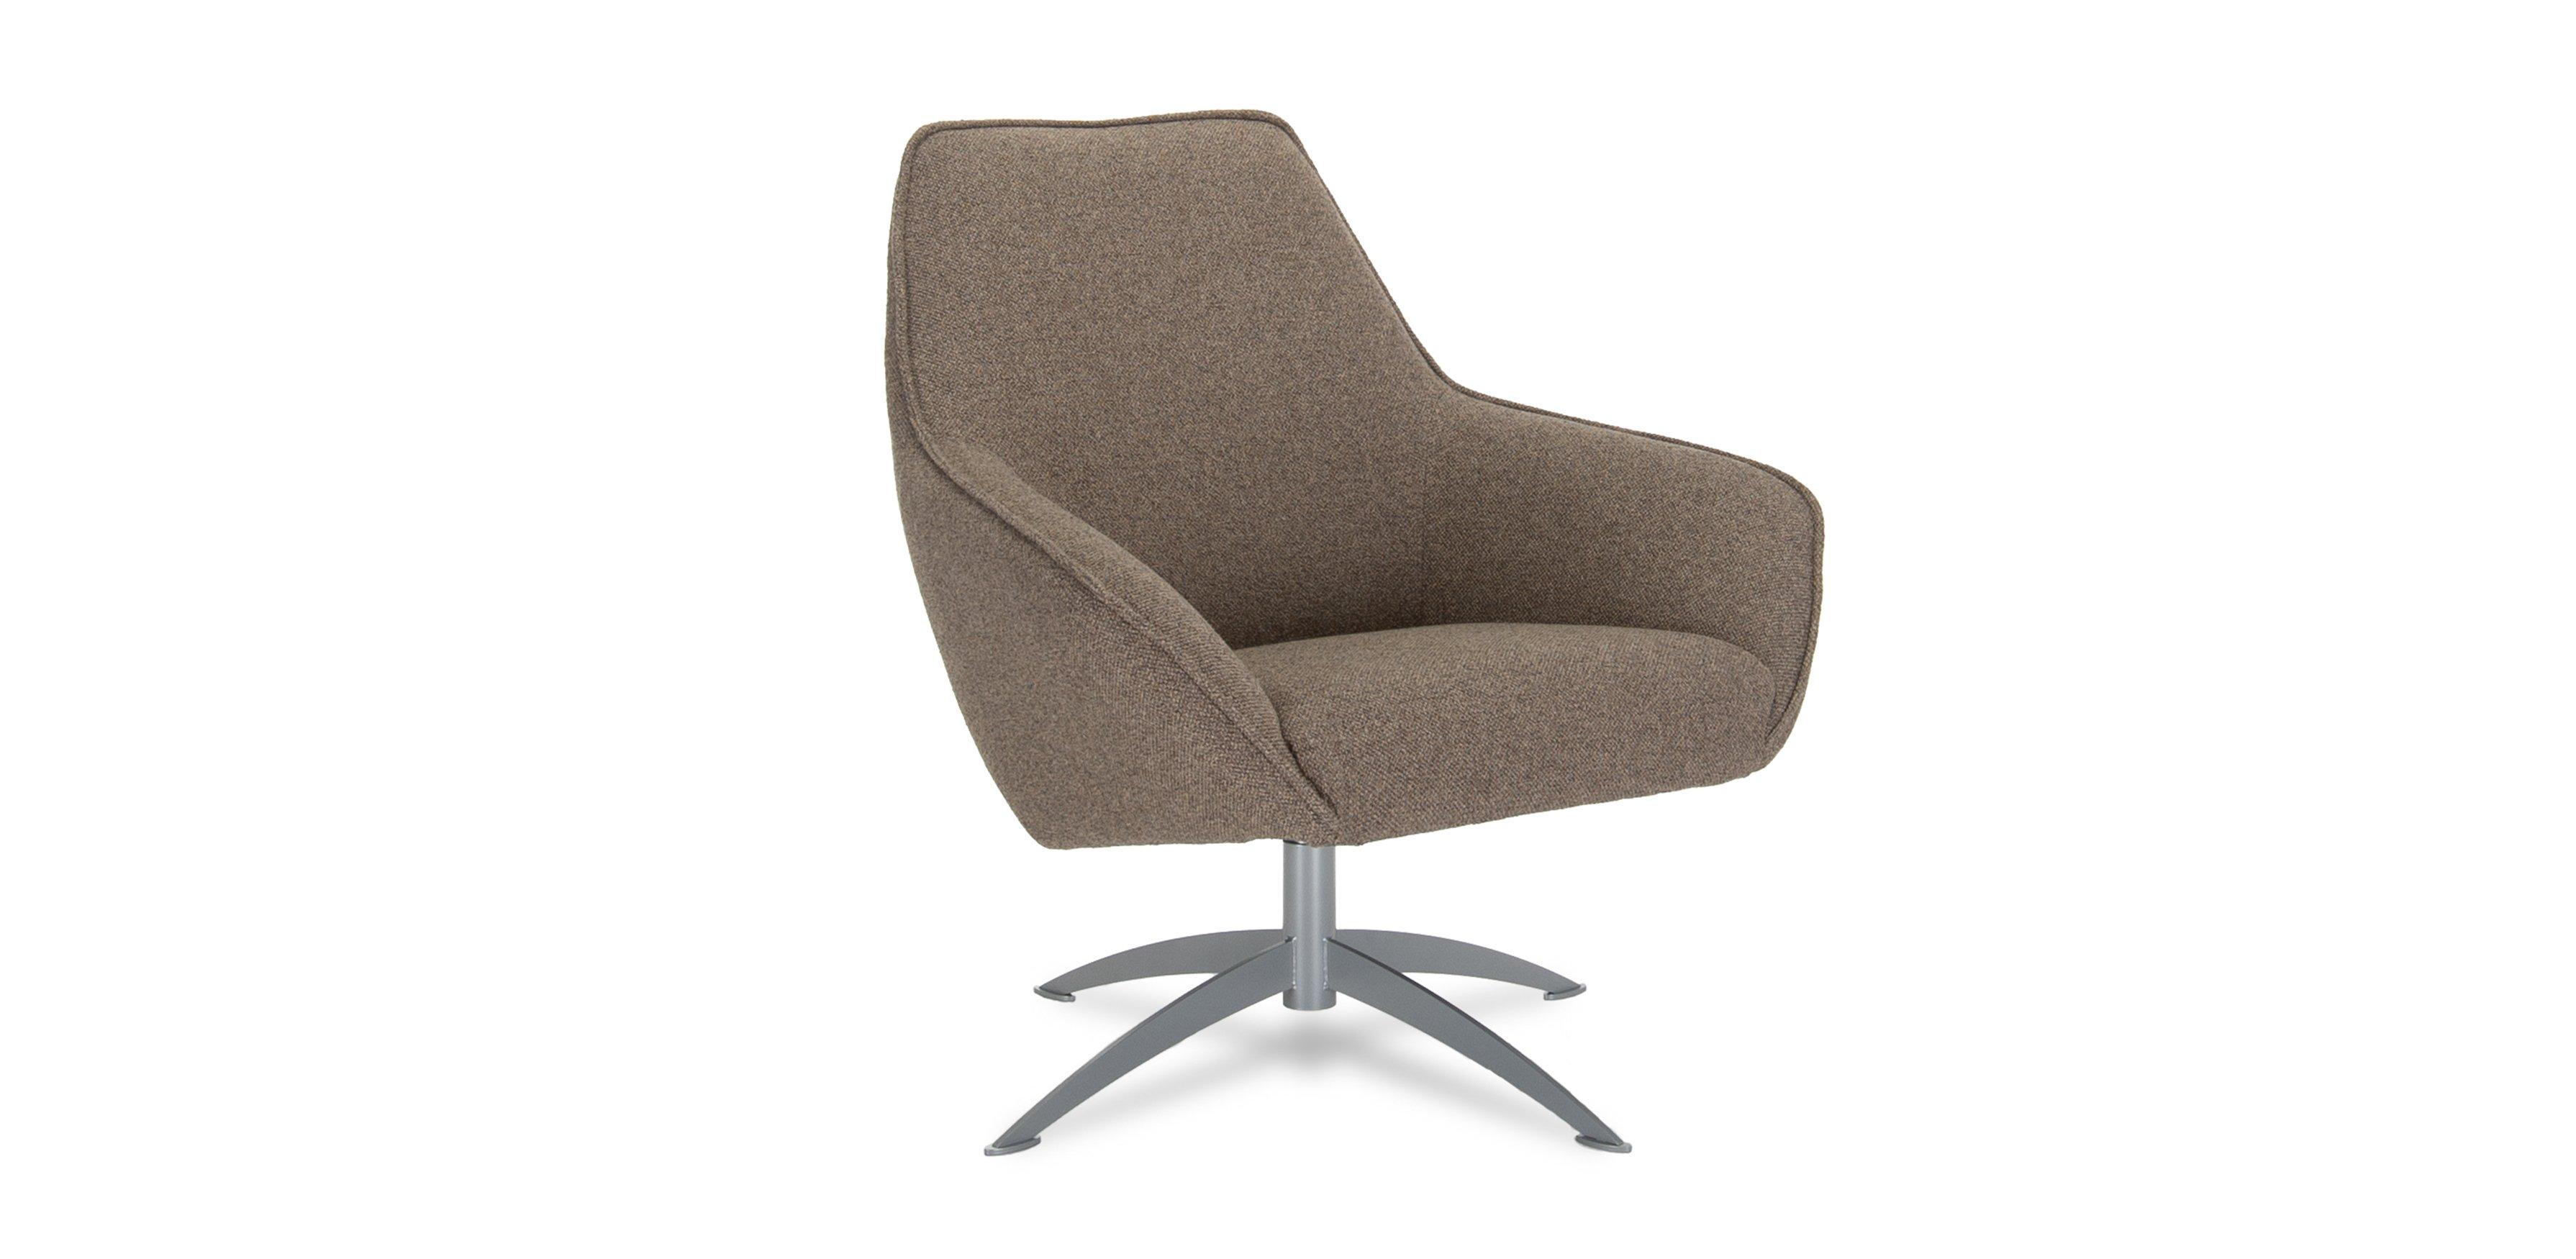 Faas fauteuil DYYK 3580x1750 3